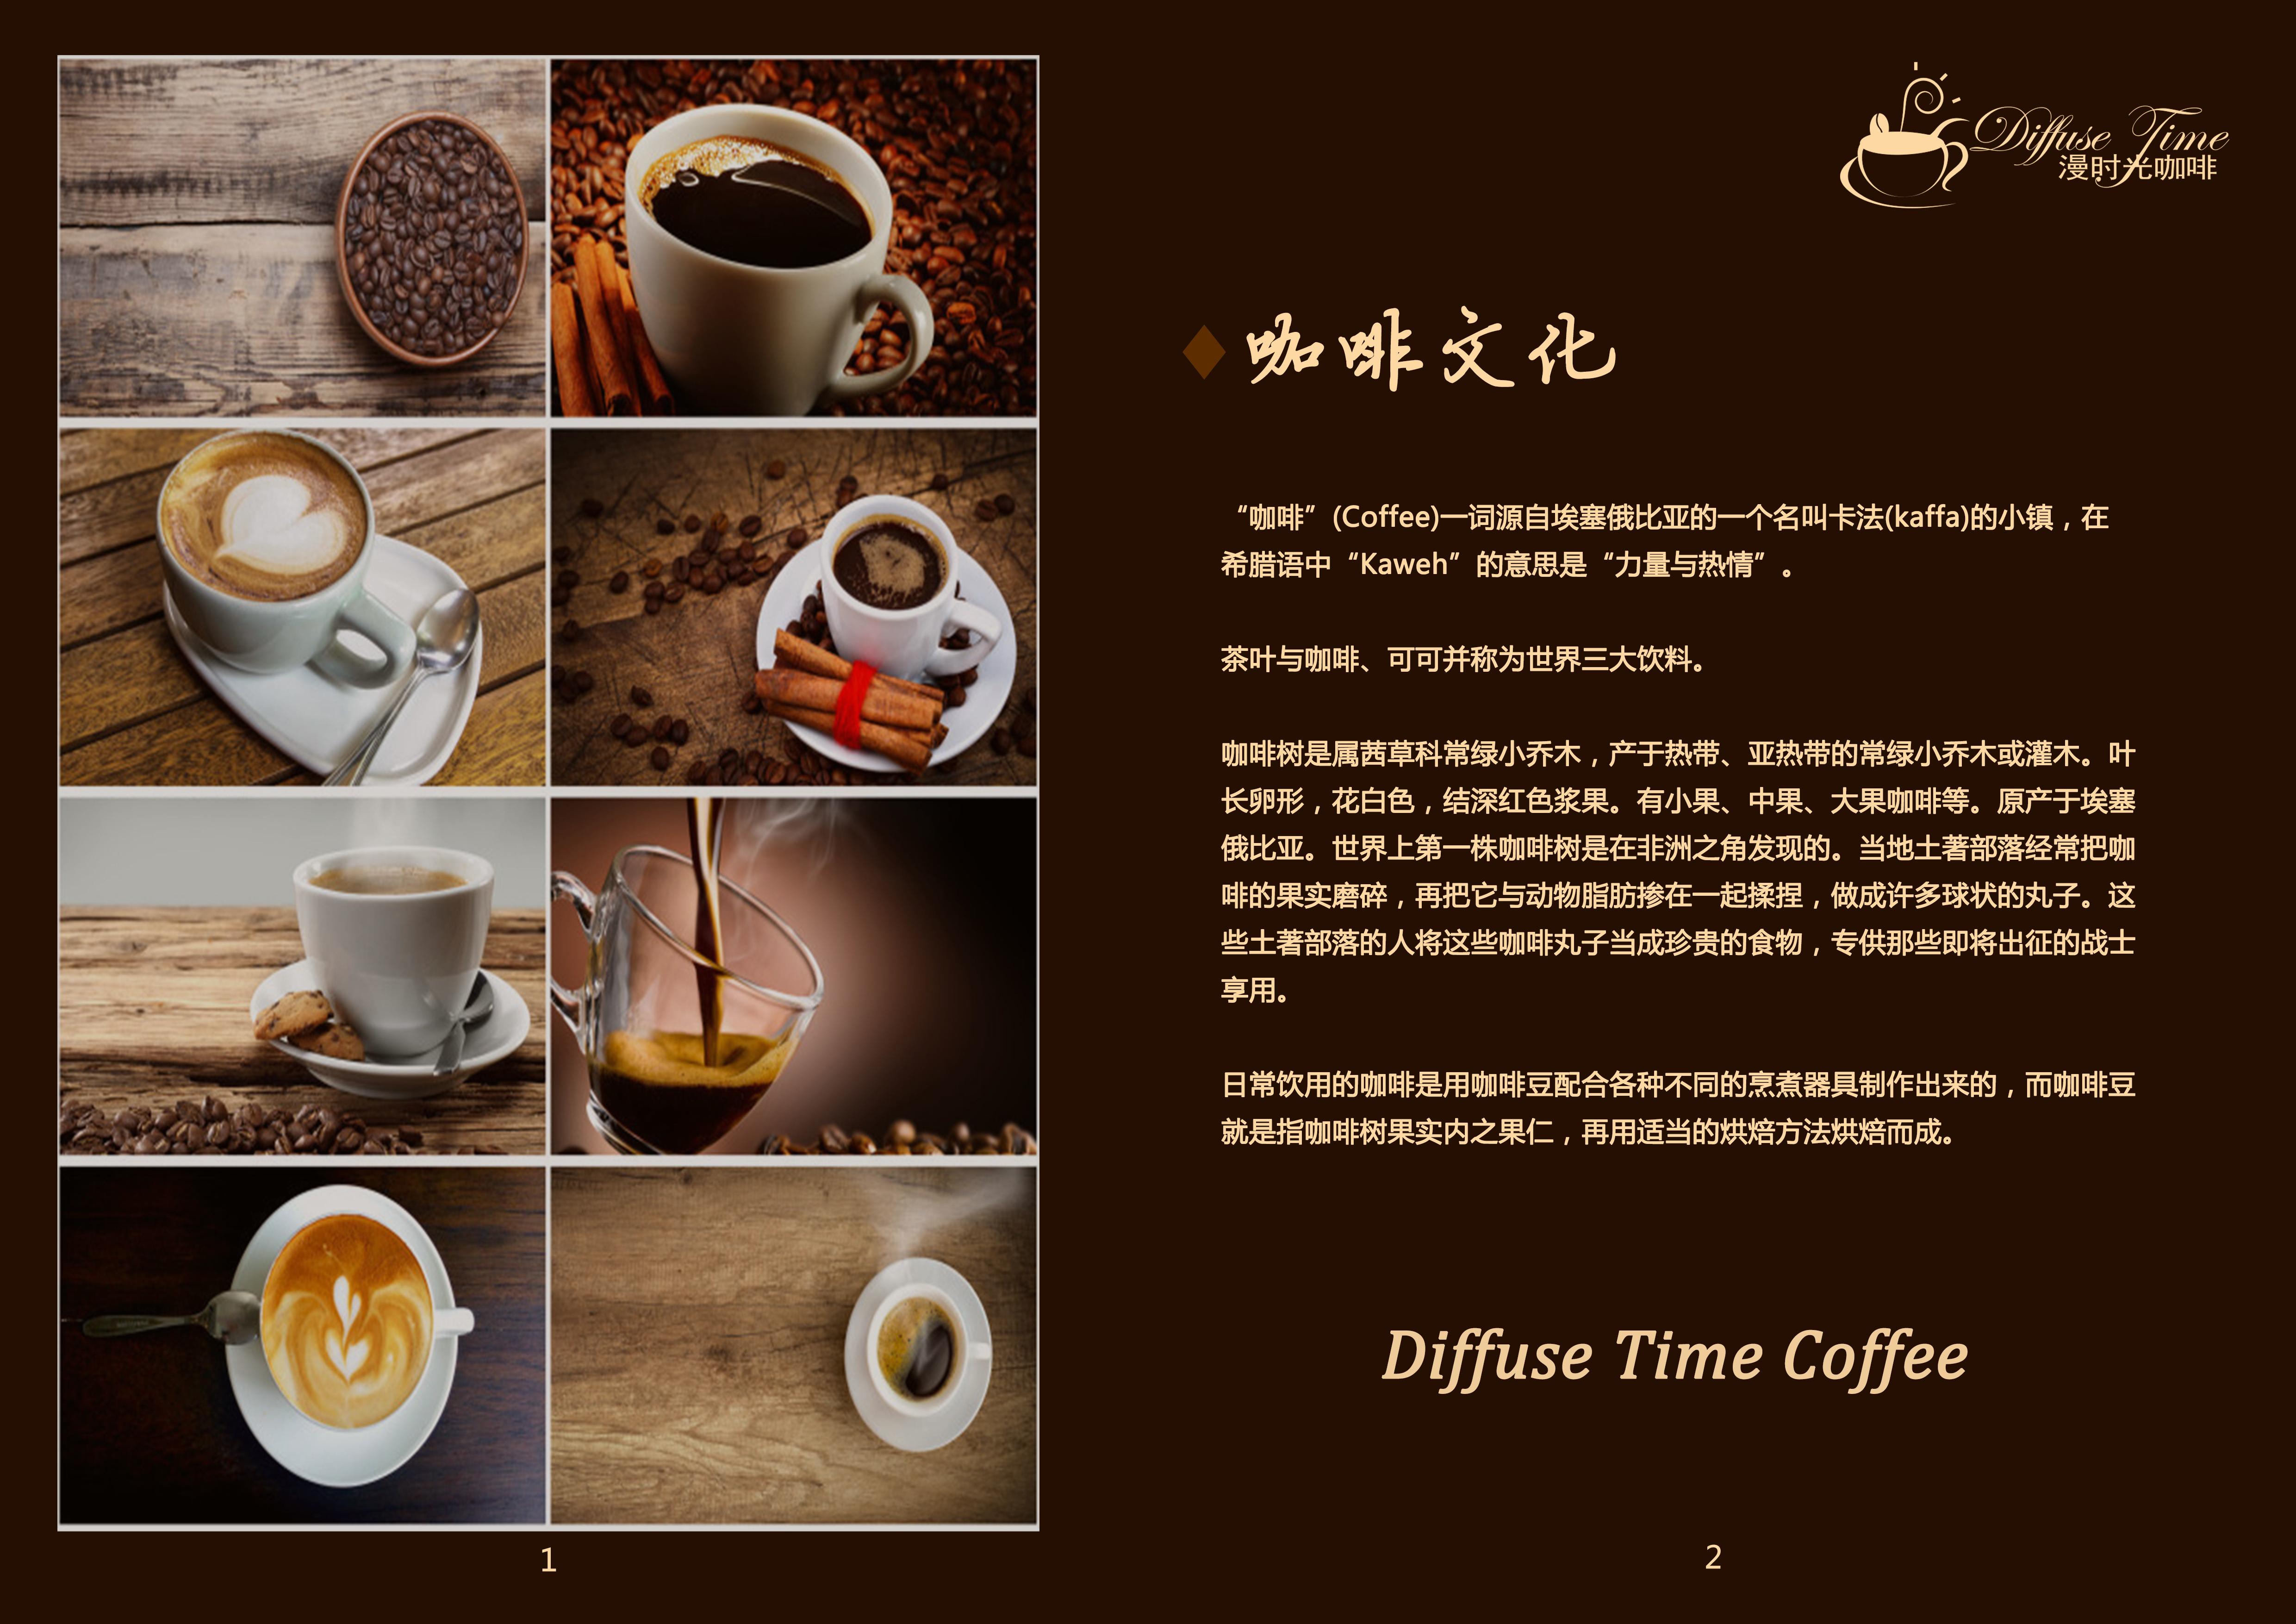 漫时光咖啡(diffuse time coffee)画册